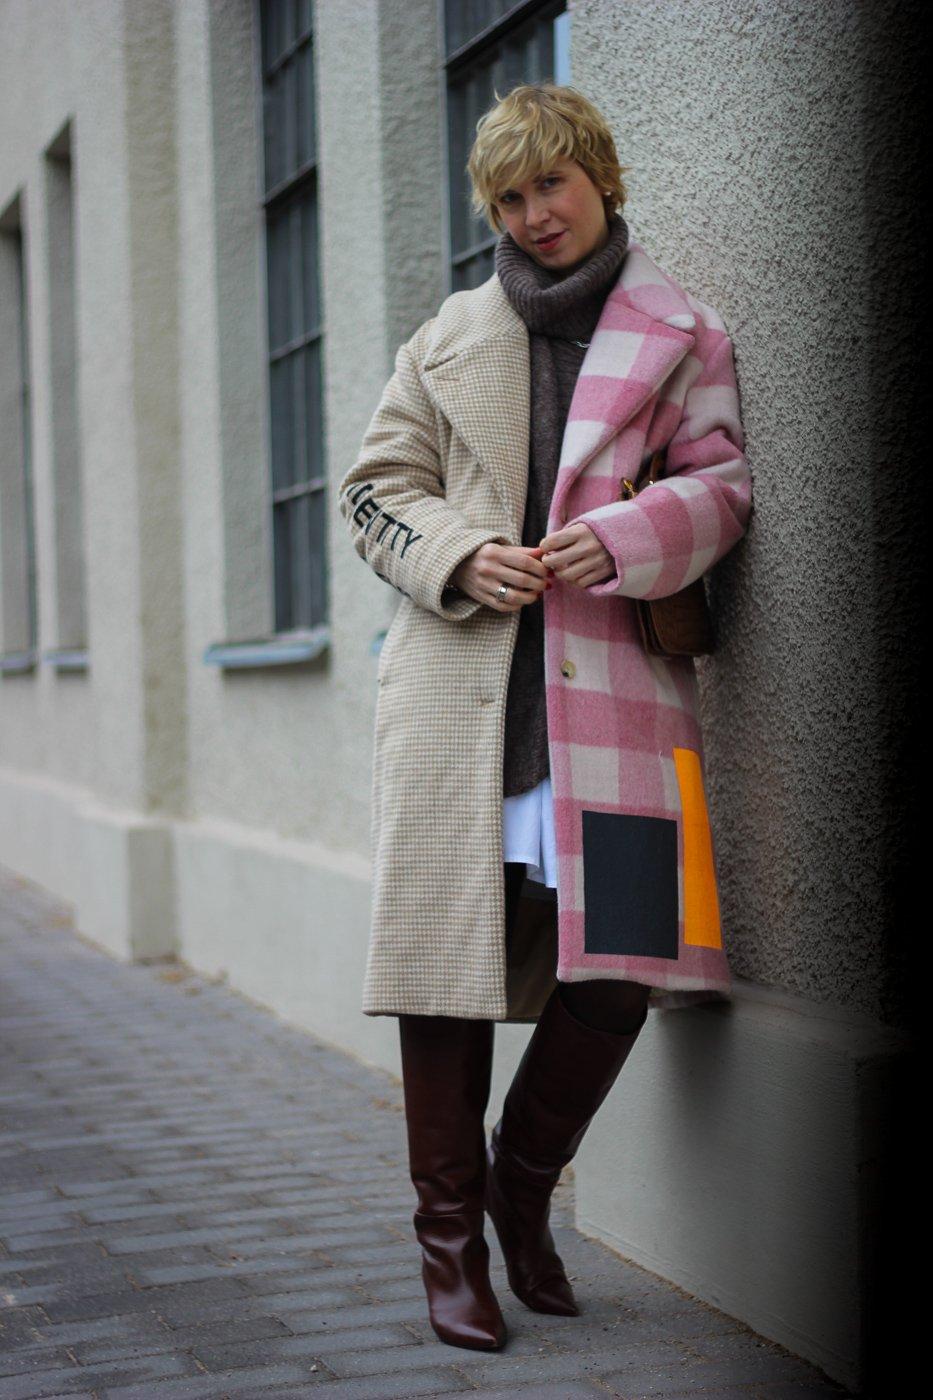 conny doll lifestyle: Muf10 Mantel, Sommerkleid im Winterlook, Rollkragen, weißes Kleid, Stiefel